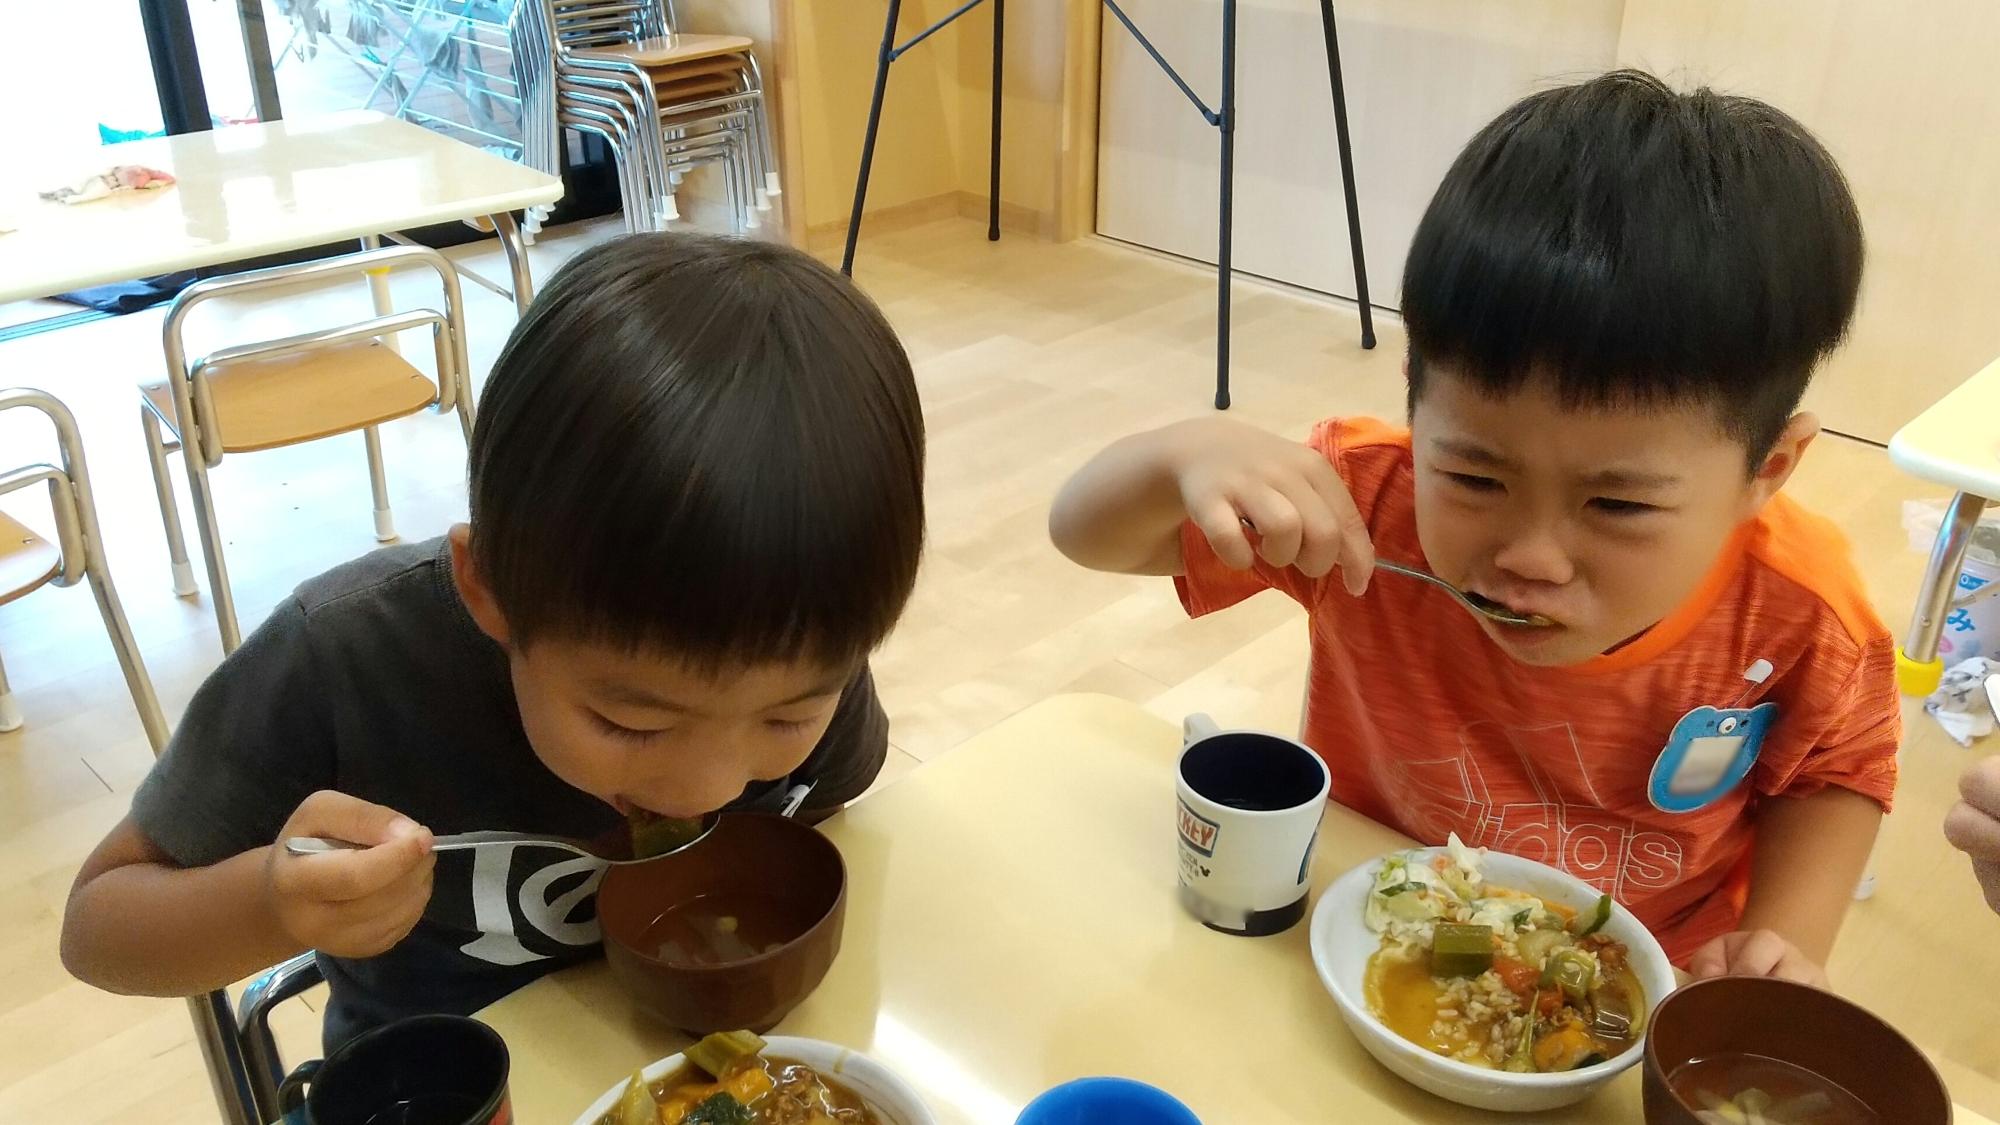 できあがったカレーを食べる子どもたち